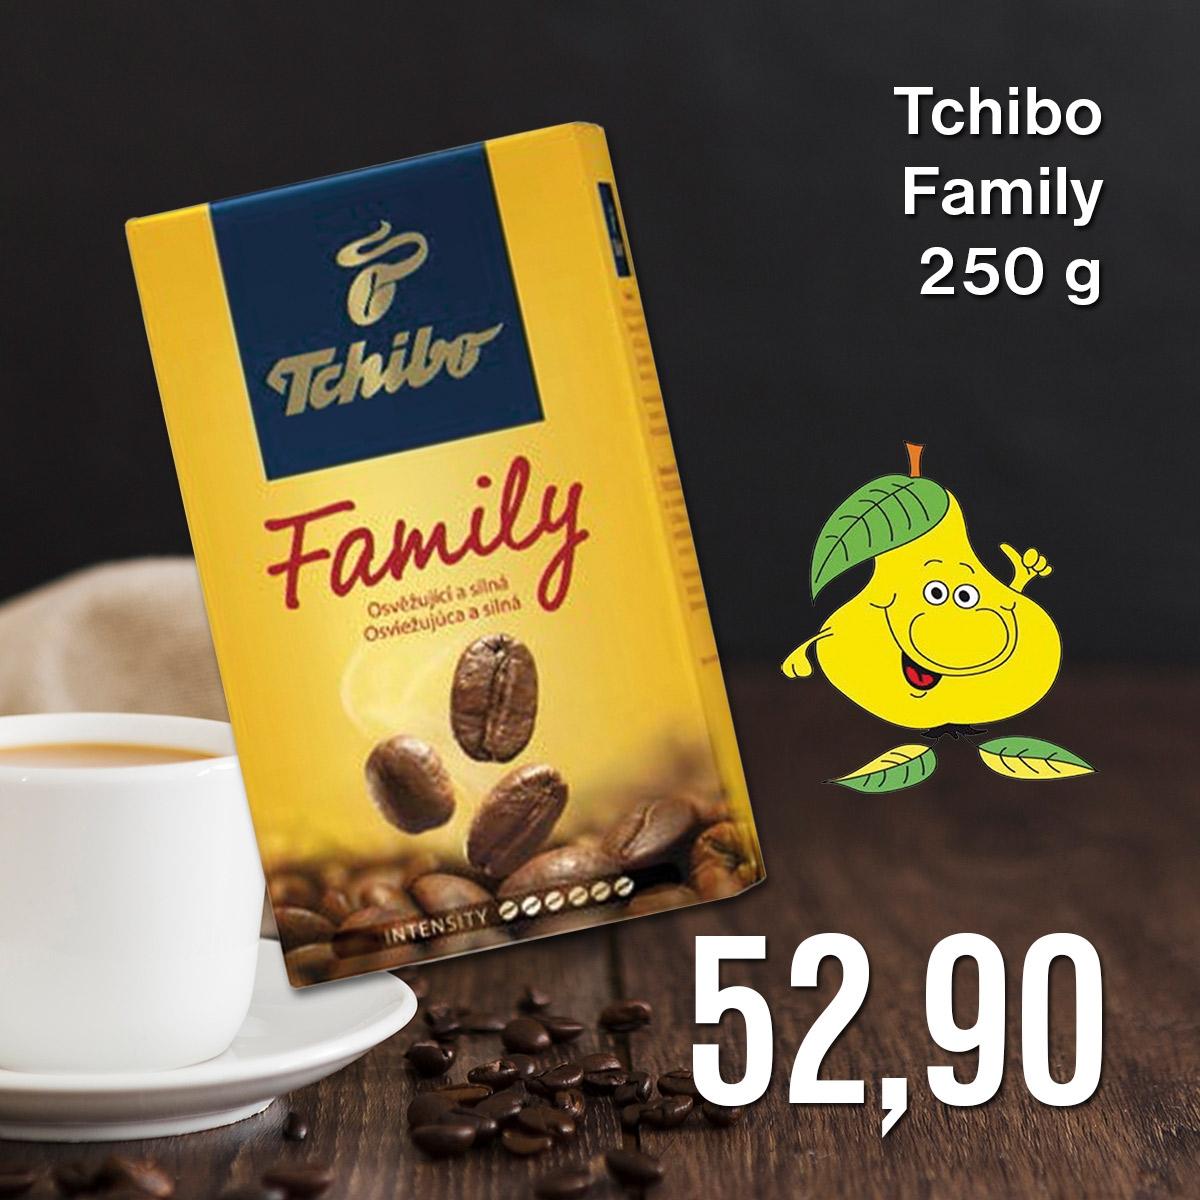 Tchibo Family 250 g